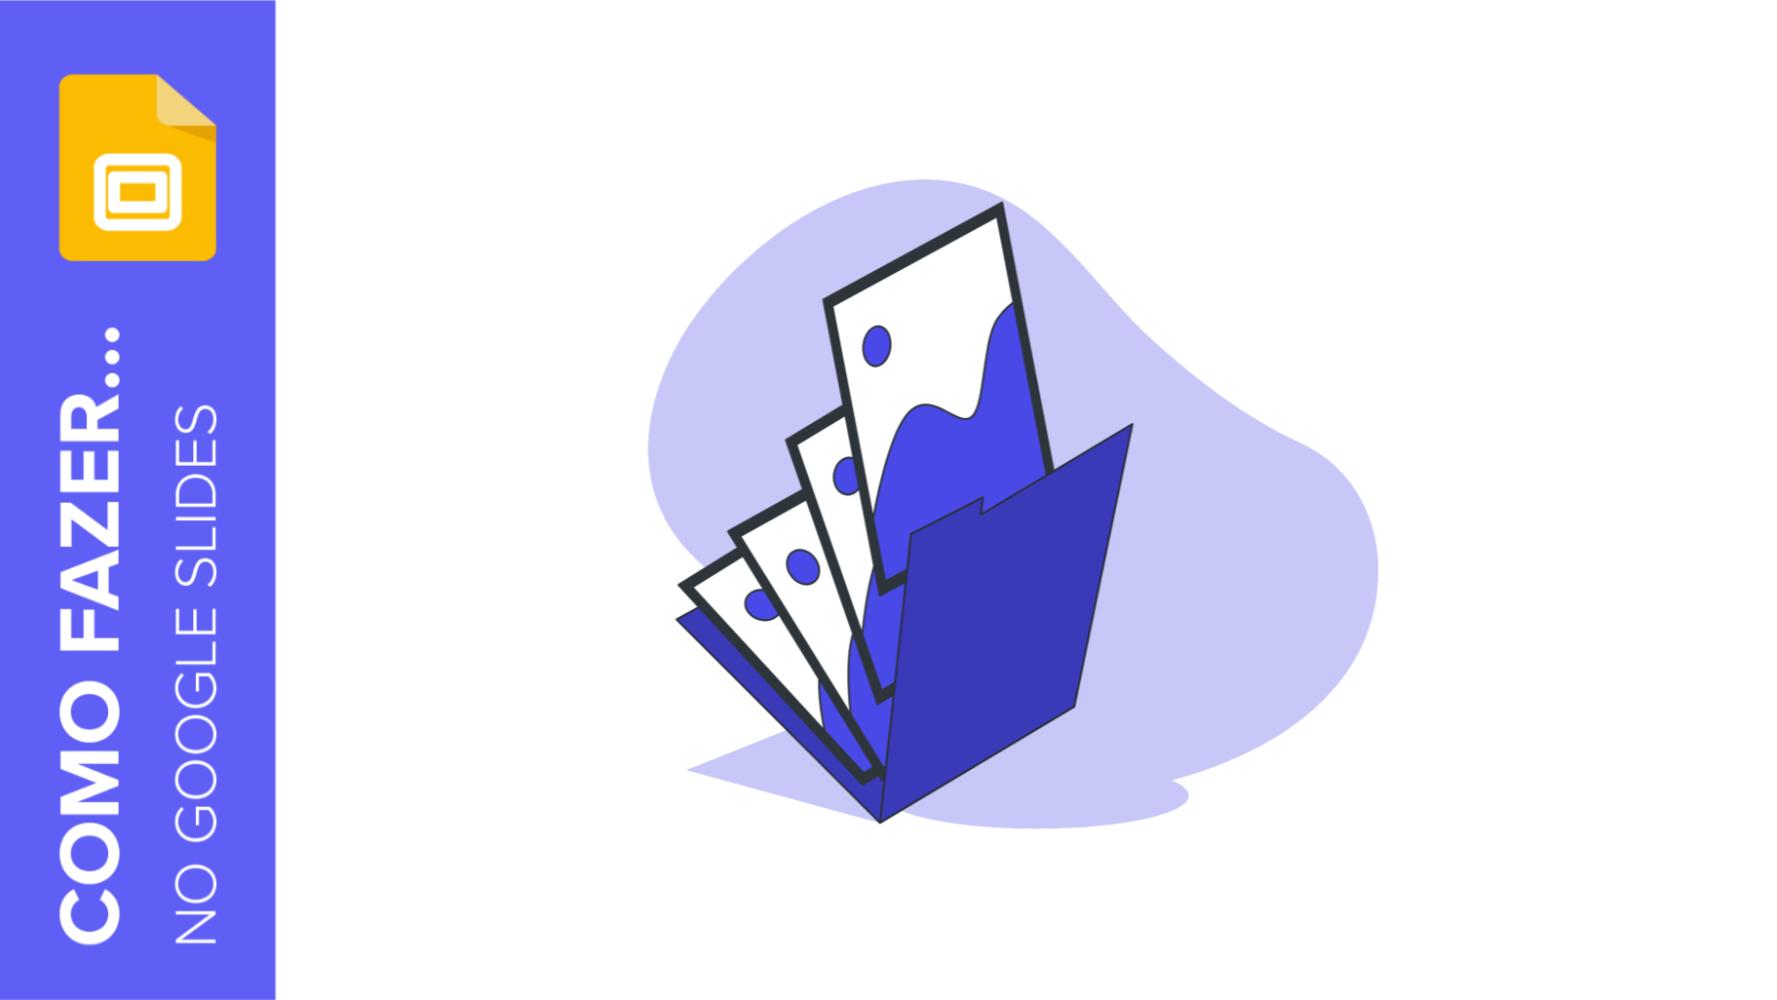 Como tornar uma imagem transparente no Google Slides | Tutoriais e Dicas de apresentação